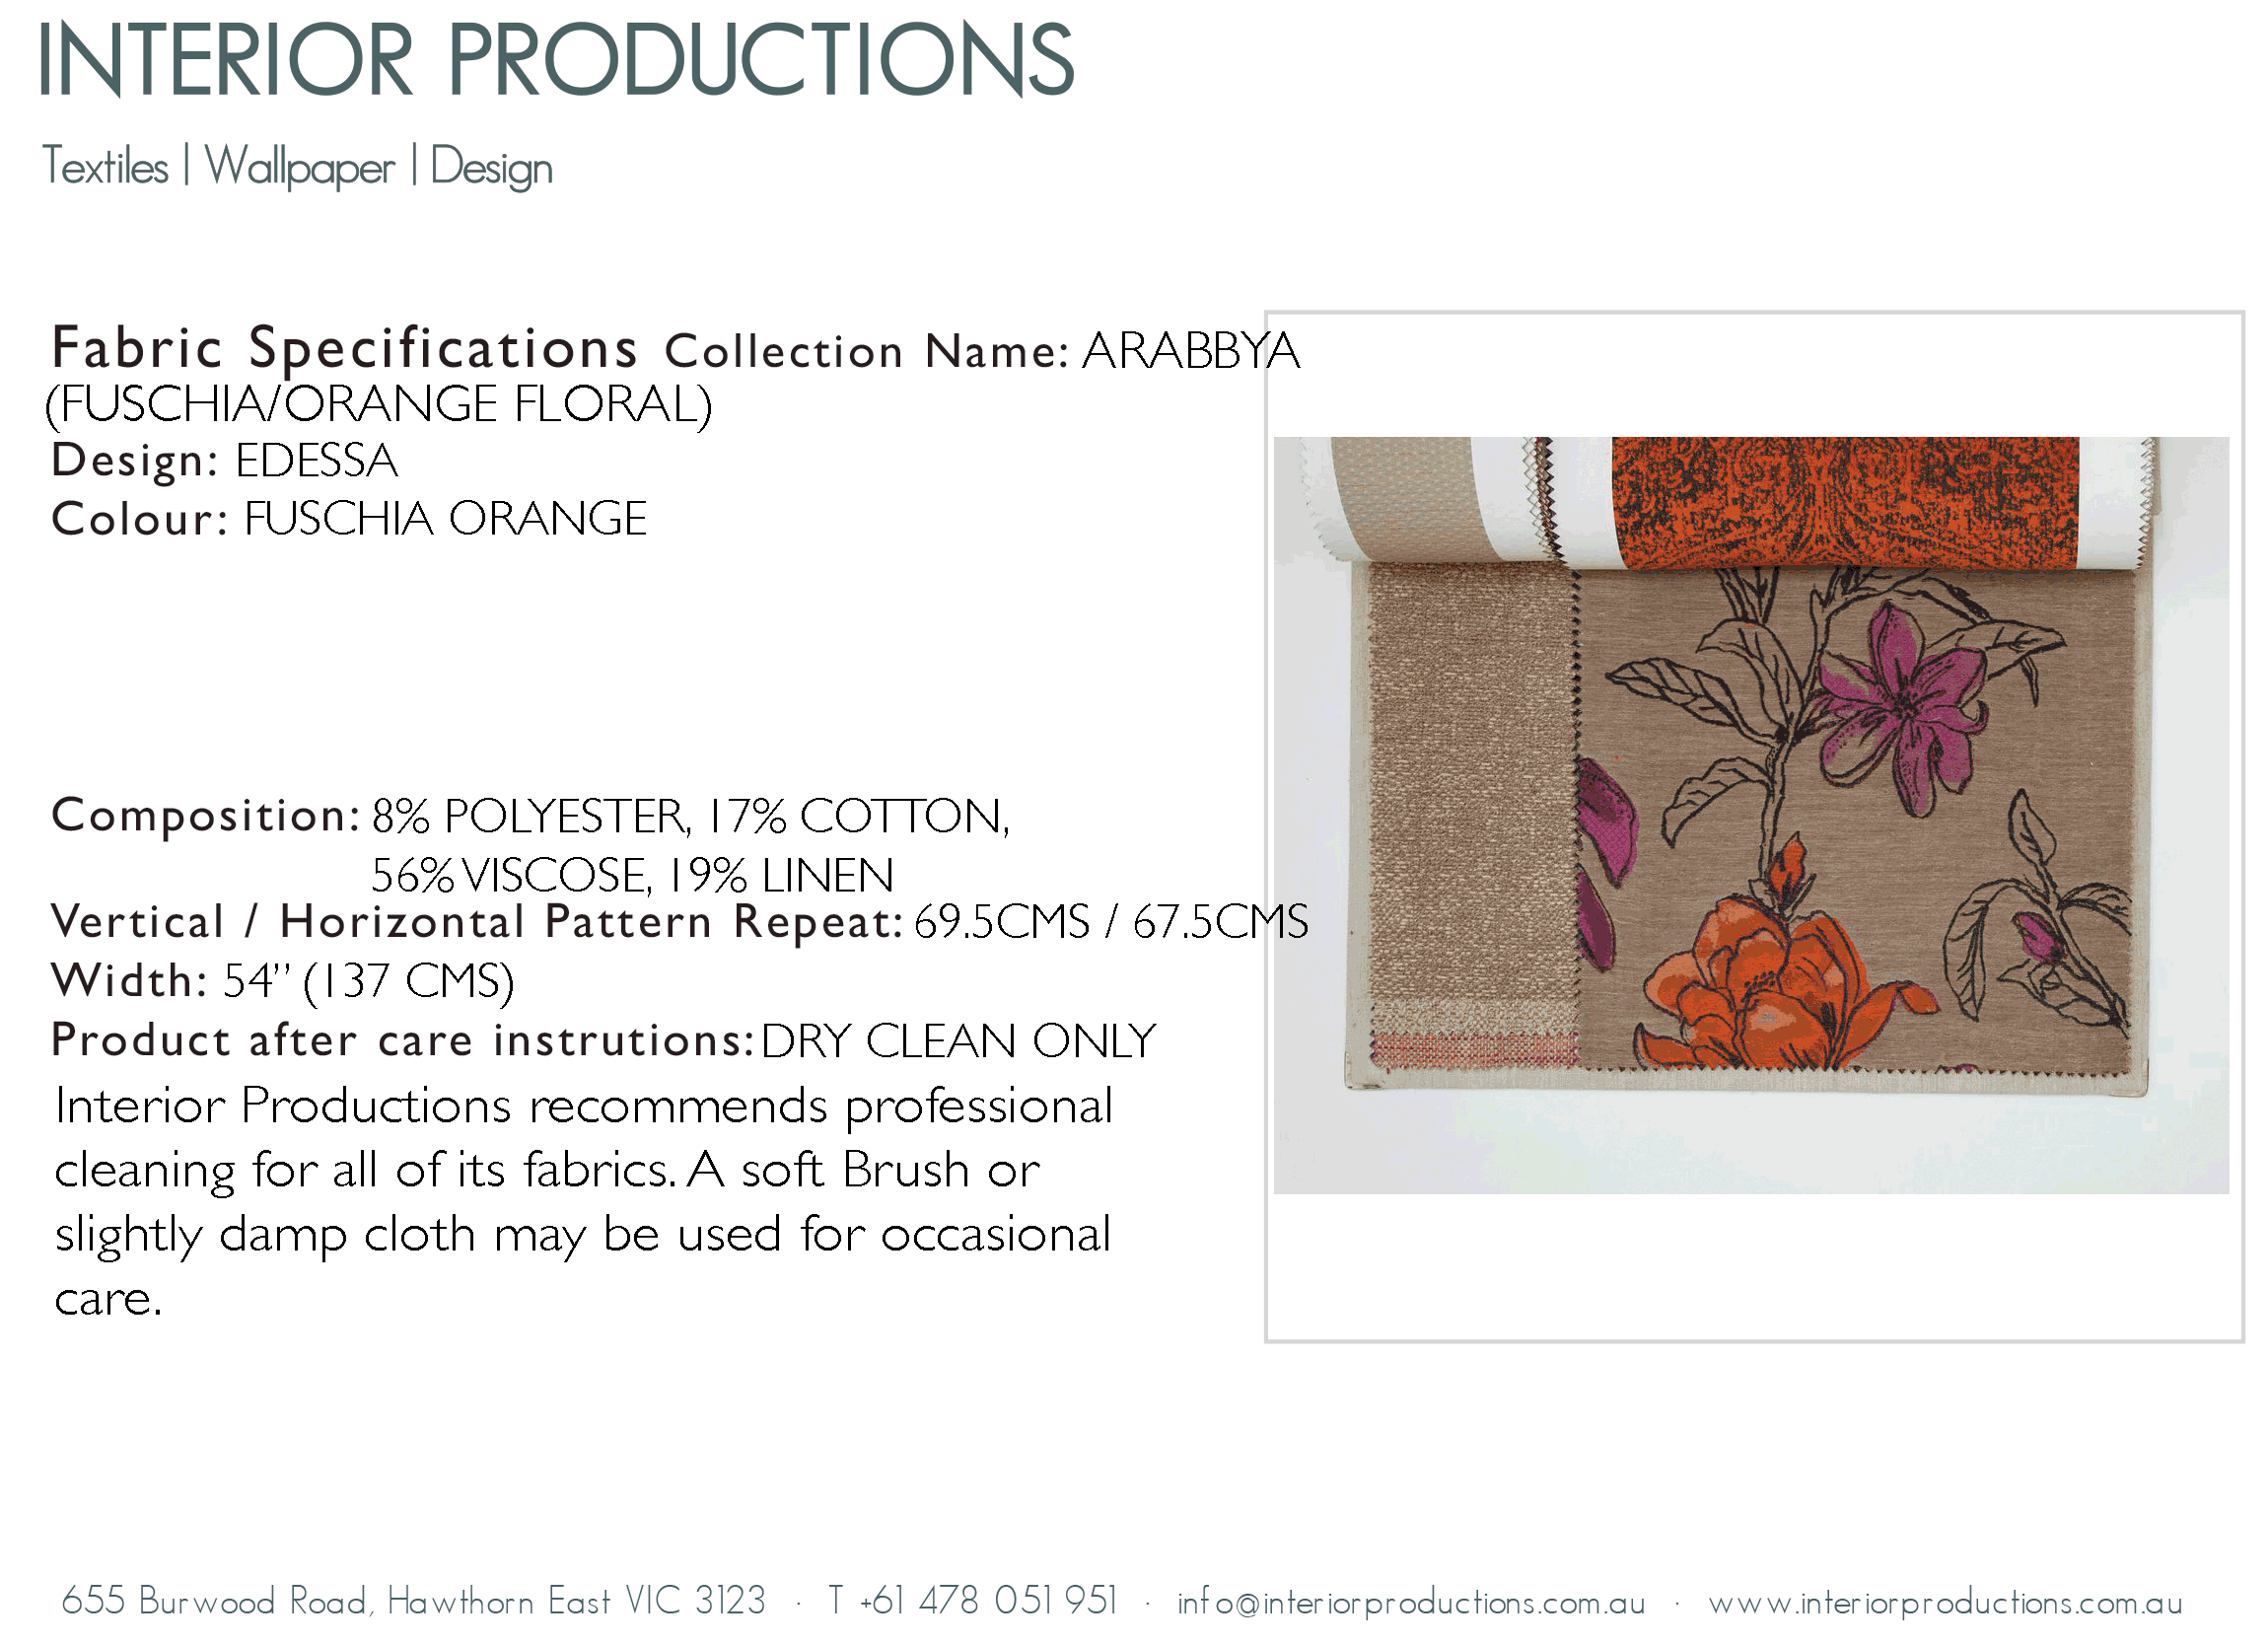 interior_productions_EDESSA---FUSCHIA-ORANGE